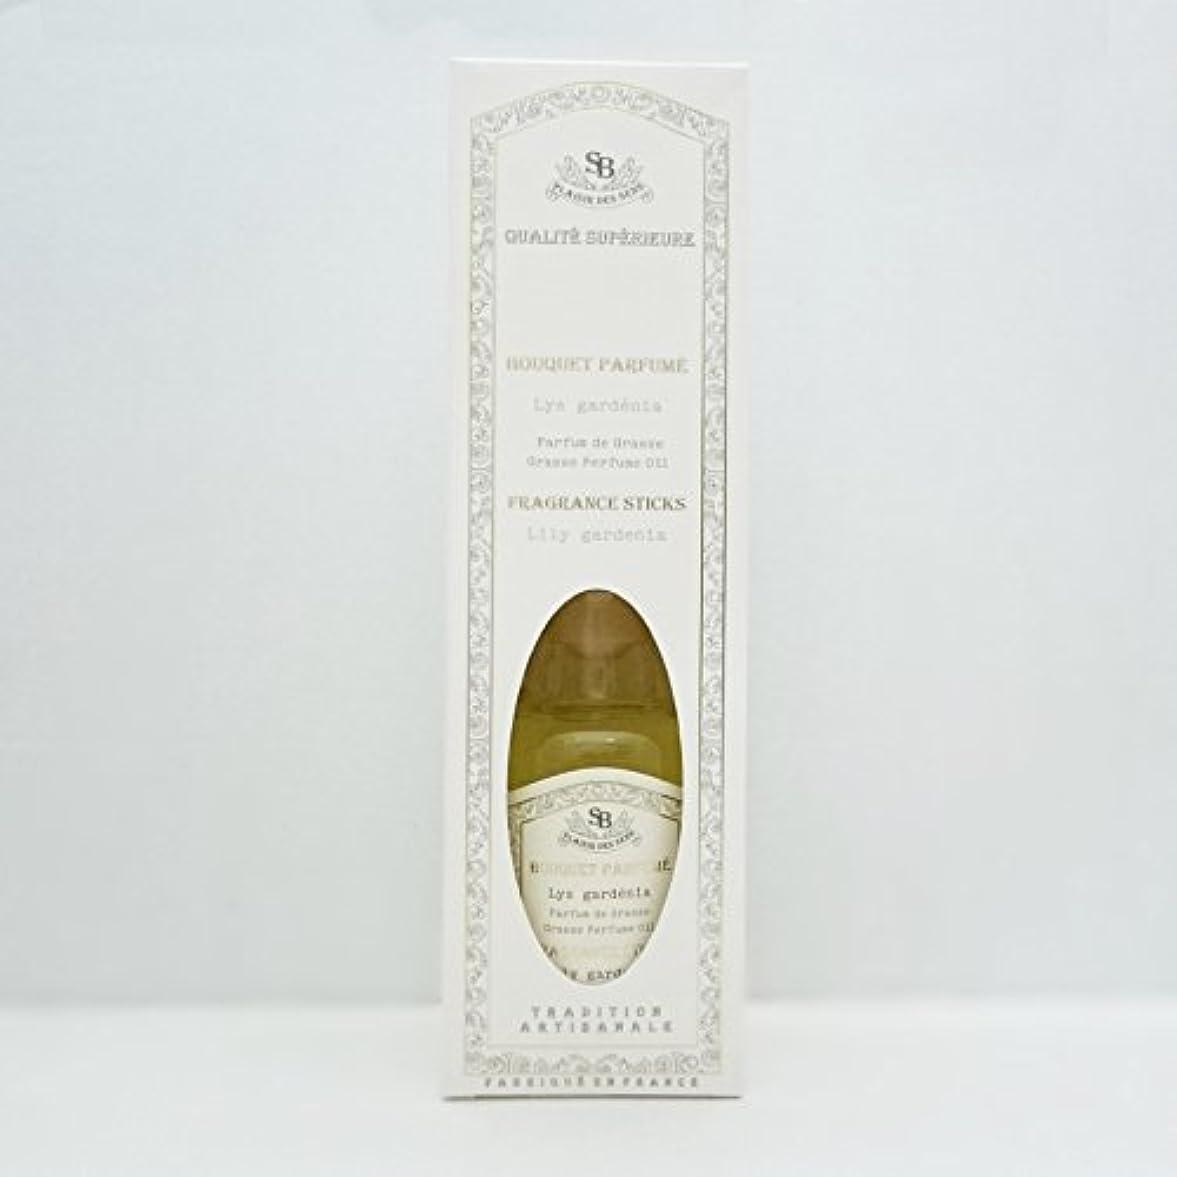 富驚きトリッキーサンタールエボーテ フレンチクラシック フレグランスブーケ200ml リリーガーデニア